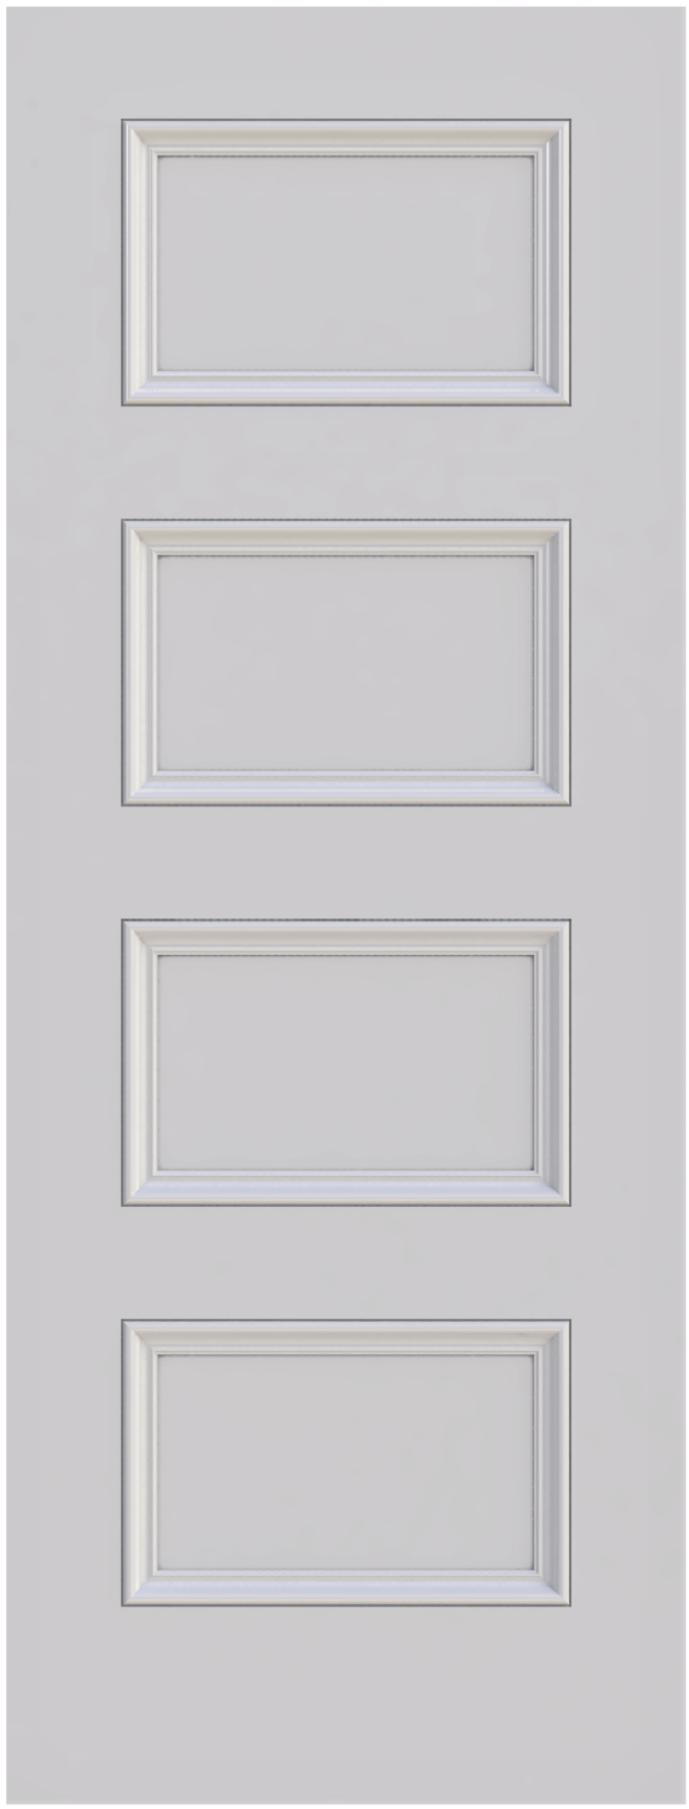 Knightsbridge 4 panel interior door from Trunk Doors, Bespoke custom doors at www.mad